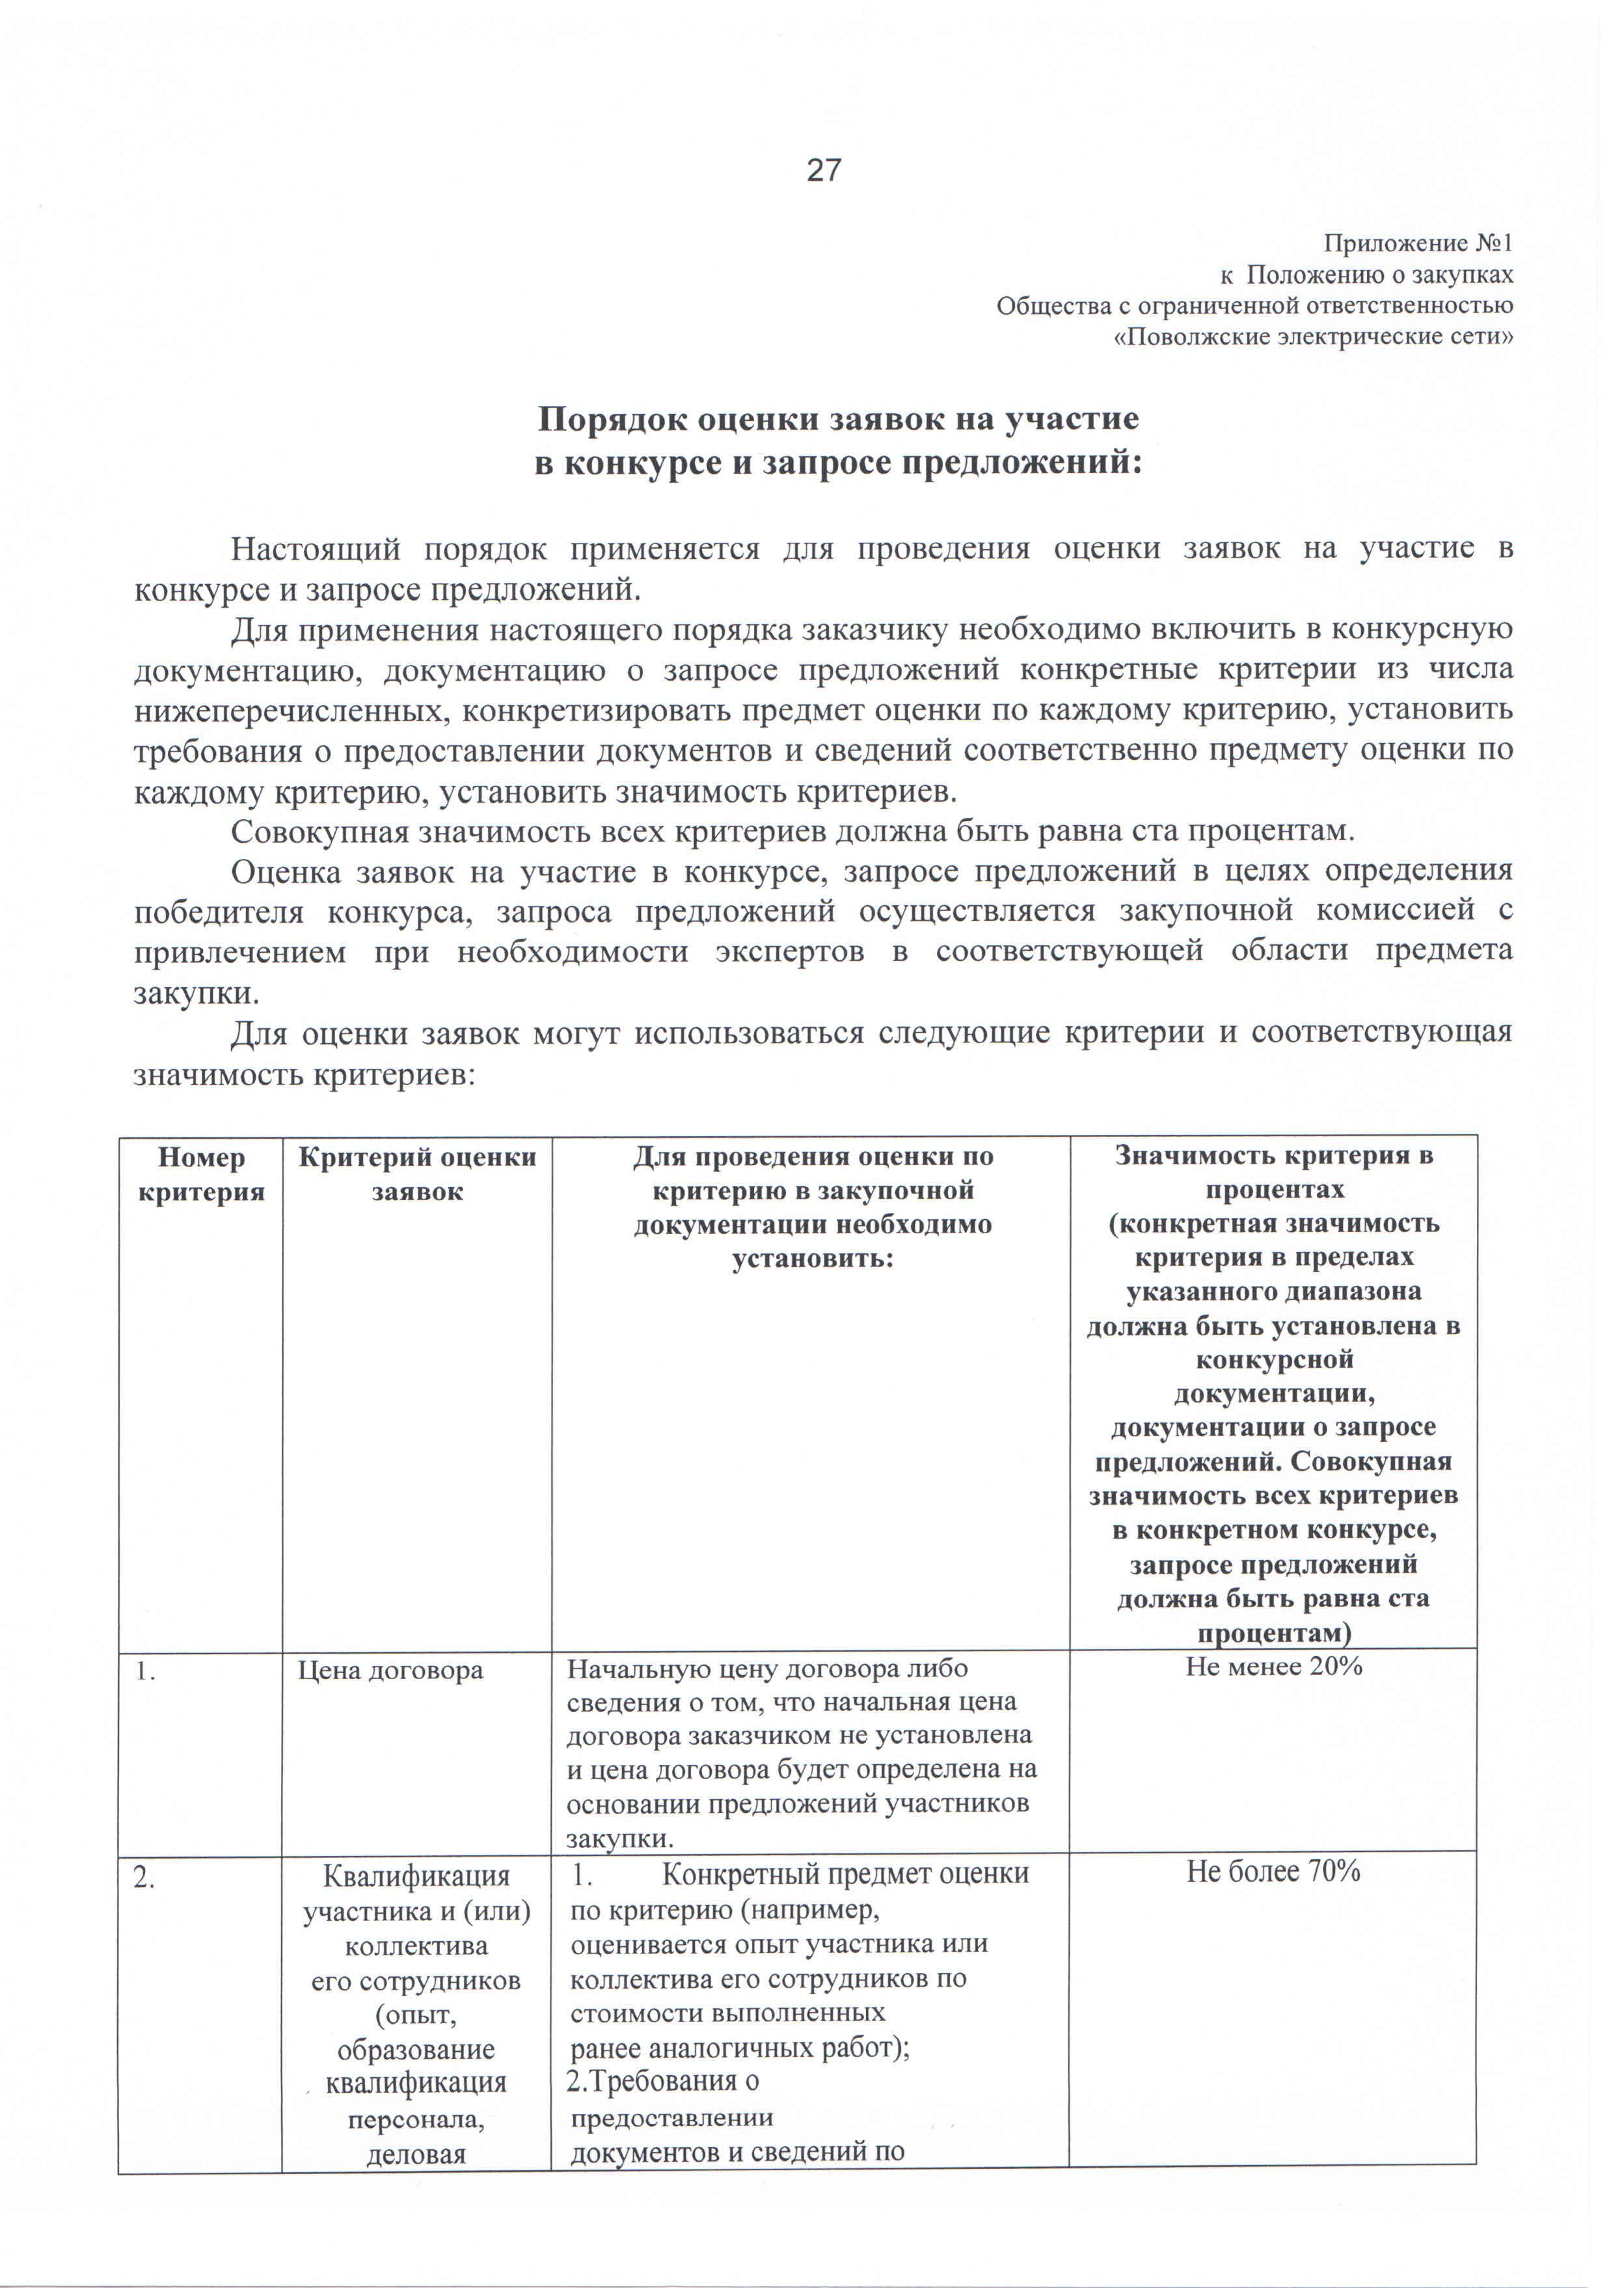 Критерии проведения конкурса для оценки заявок